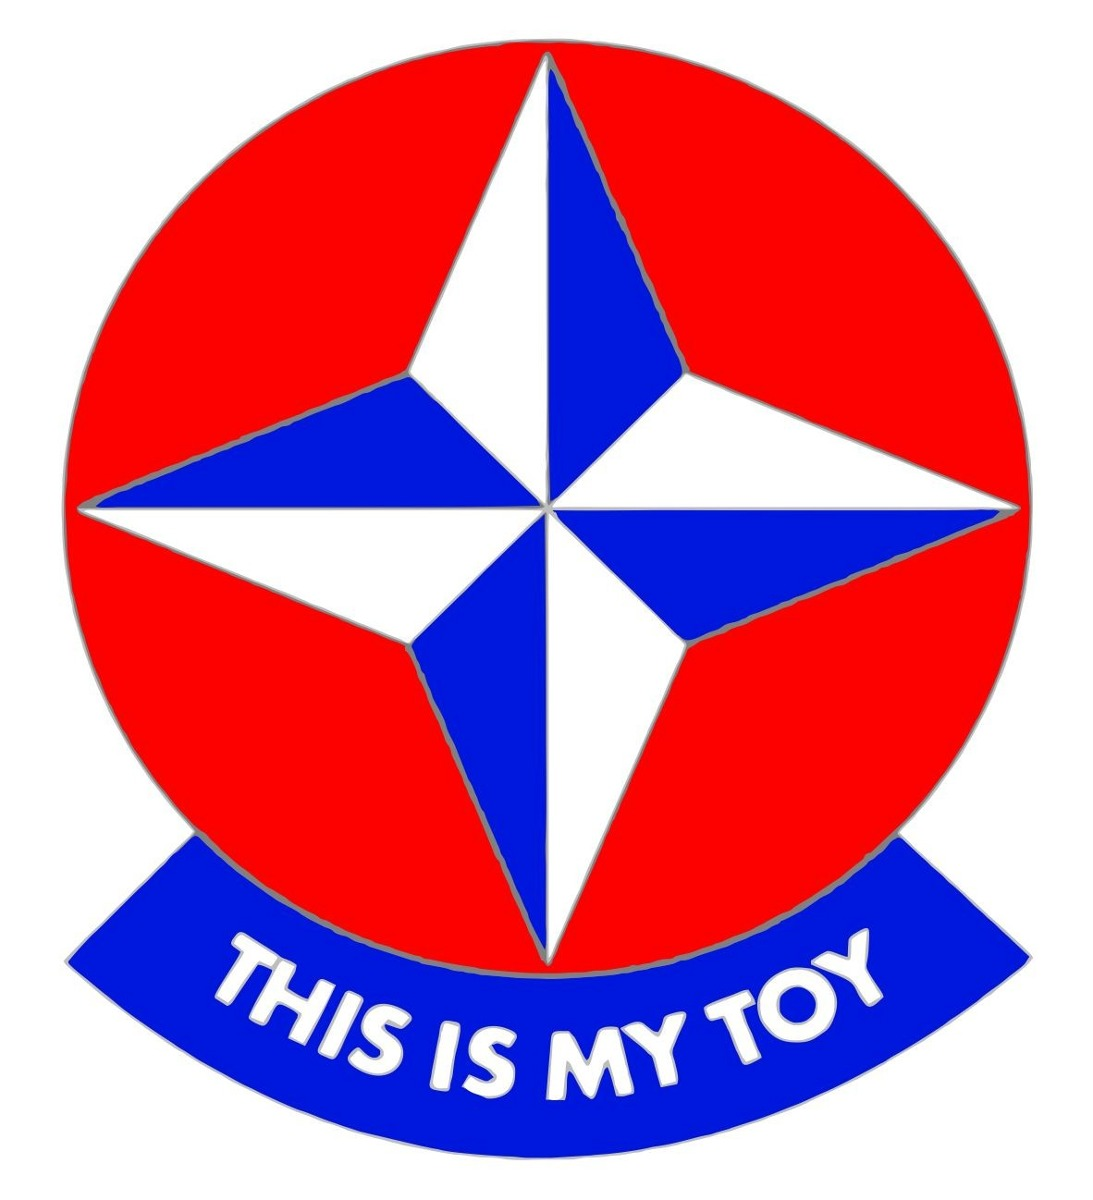 Adesivo Estrela Kalunga ~ Adesivos Estrela EsseÉ Meu Brinquedo My Toy Volks Gol R$ 4,90 em Mercado Livre